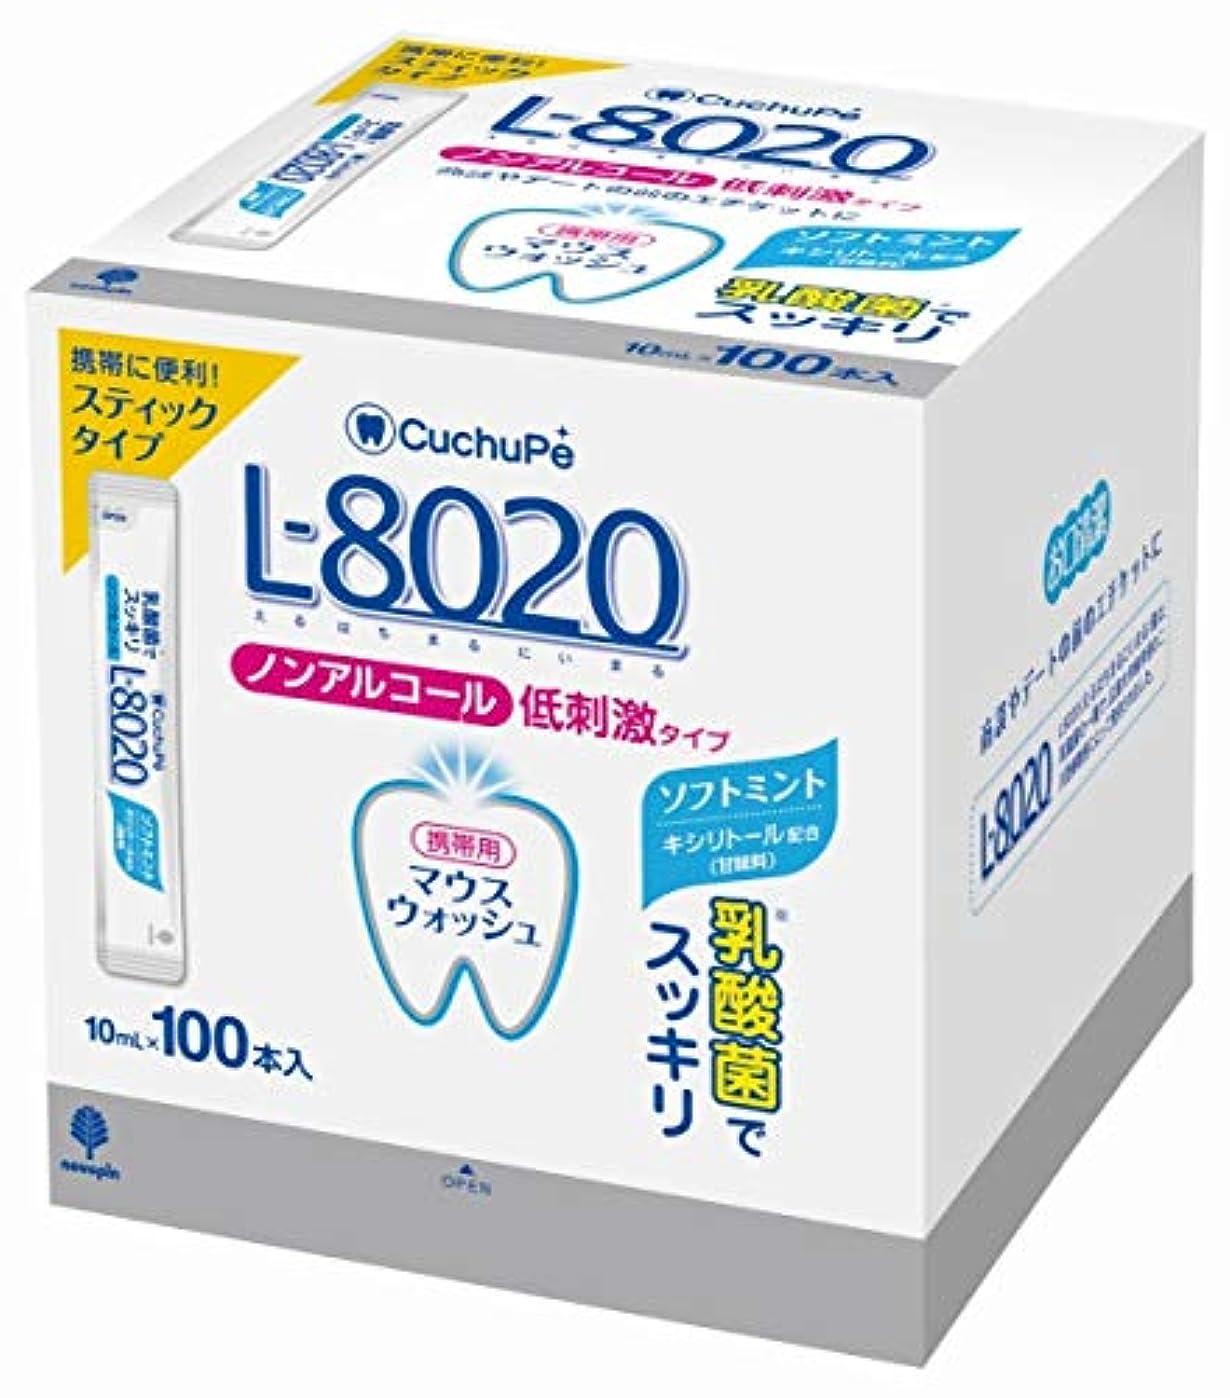 弓専門知識ベッドを作る日本製 made in japan クチュッペL-8020 ソフトミント スティックタイプ100本入(ノンアルコール) K-7092【まとめ買い10個セット】